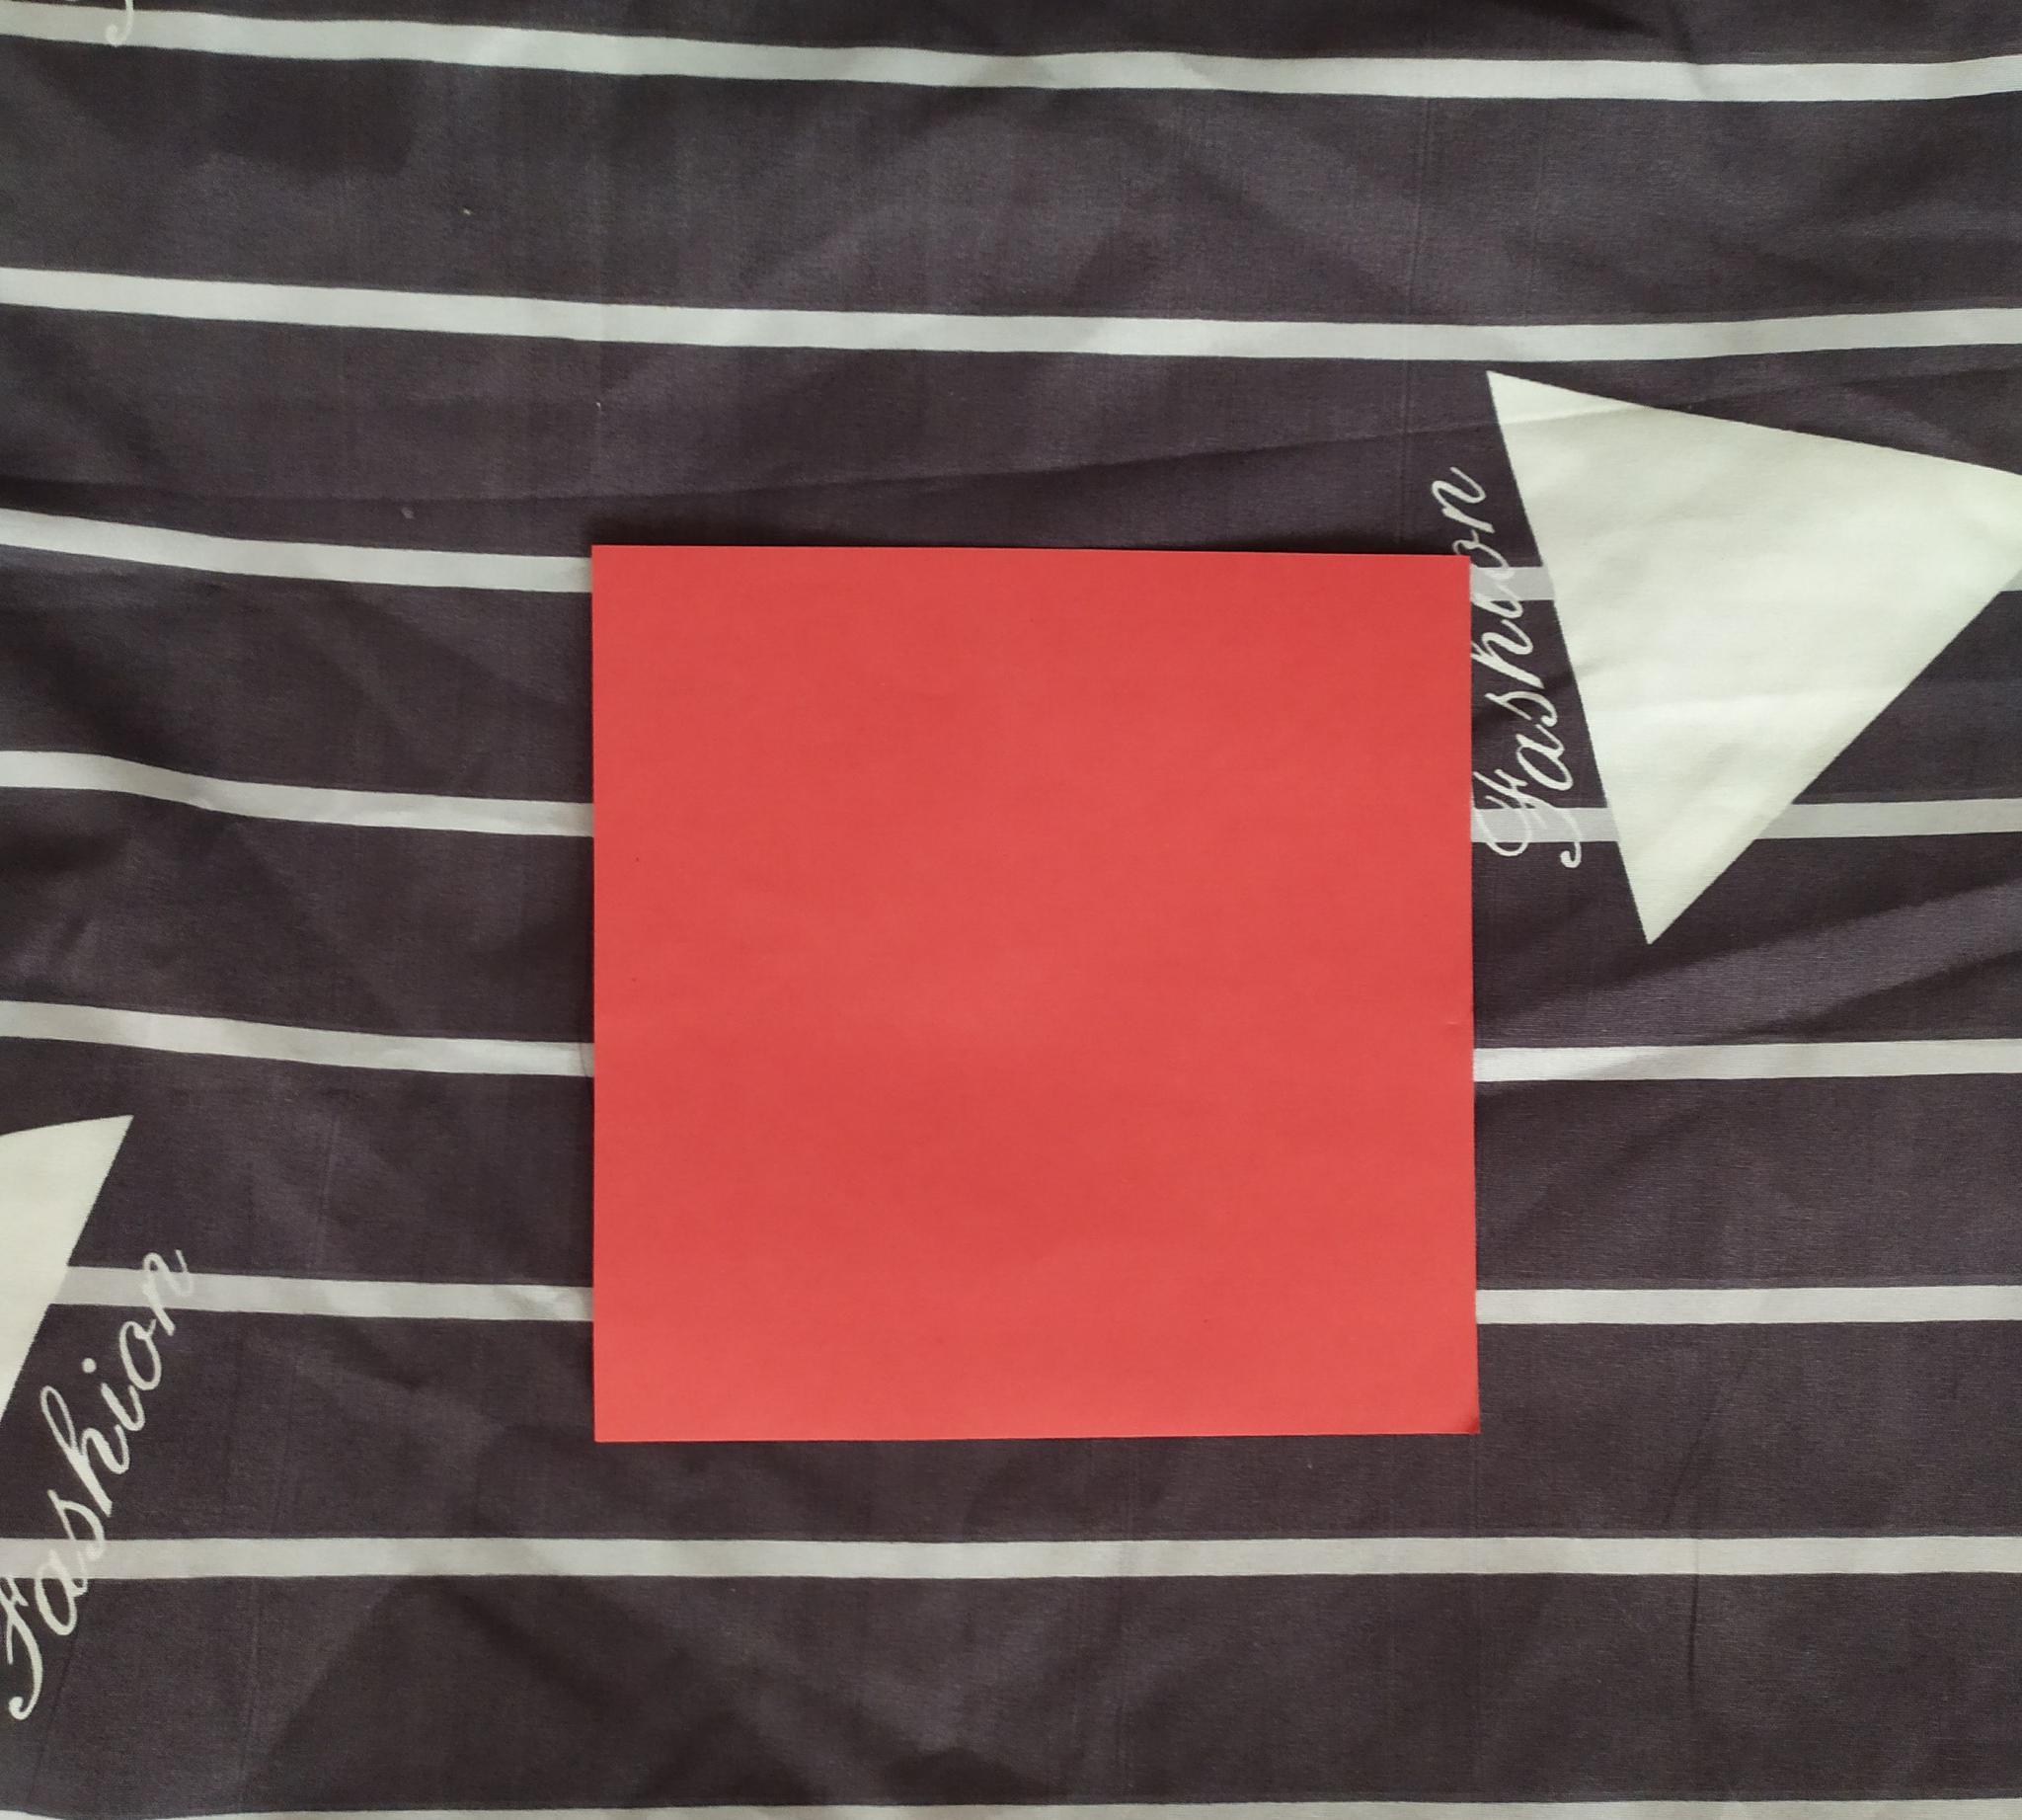 王姐带你做手工:简单的折纸教学,拿出彩纸一起折小船